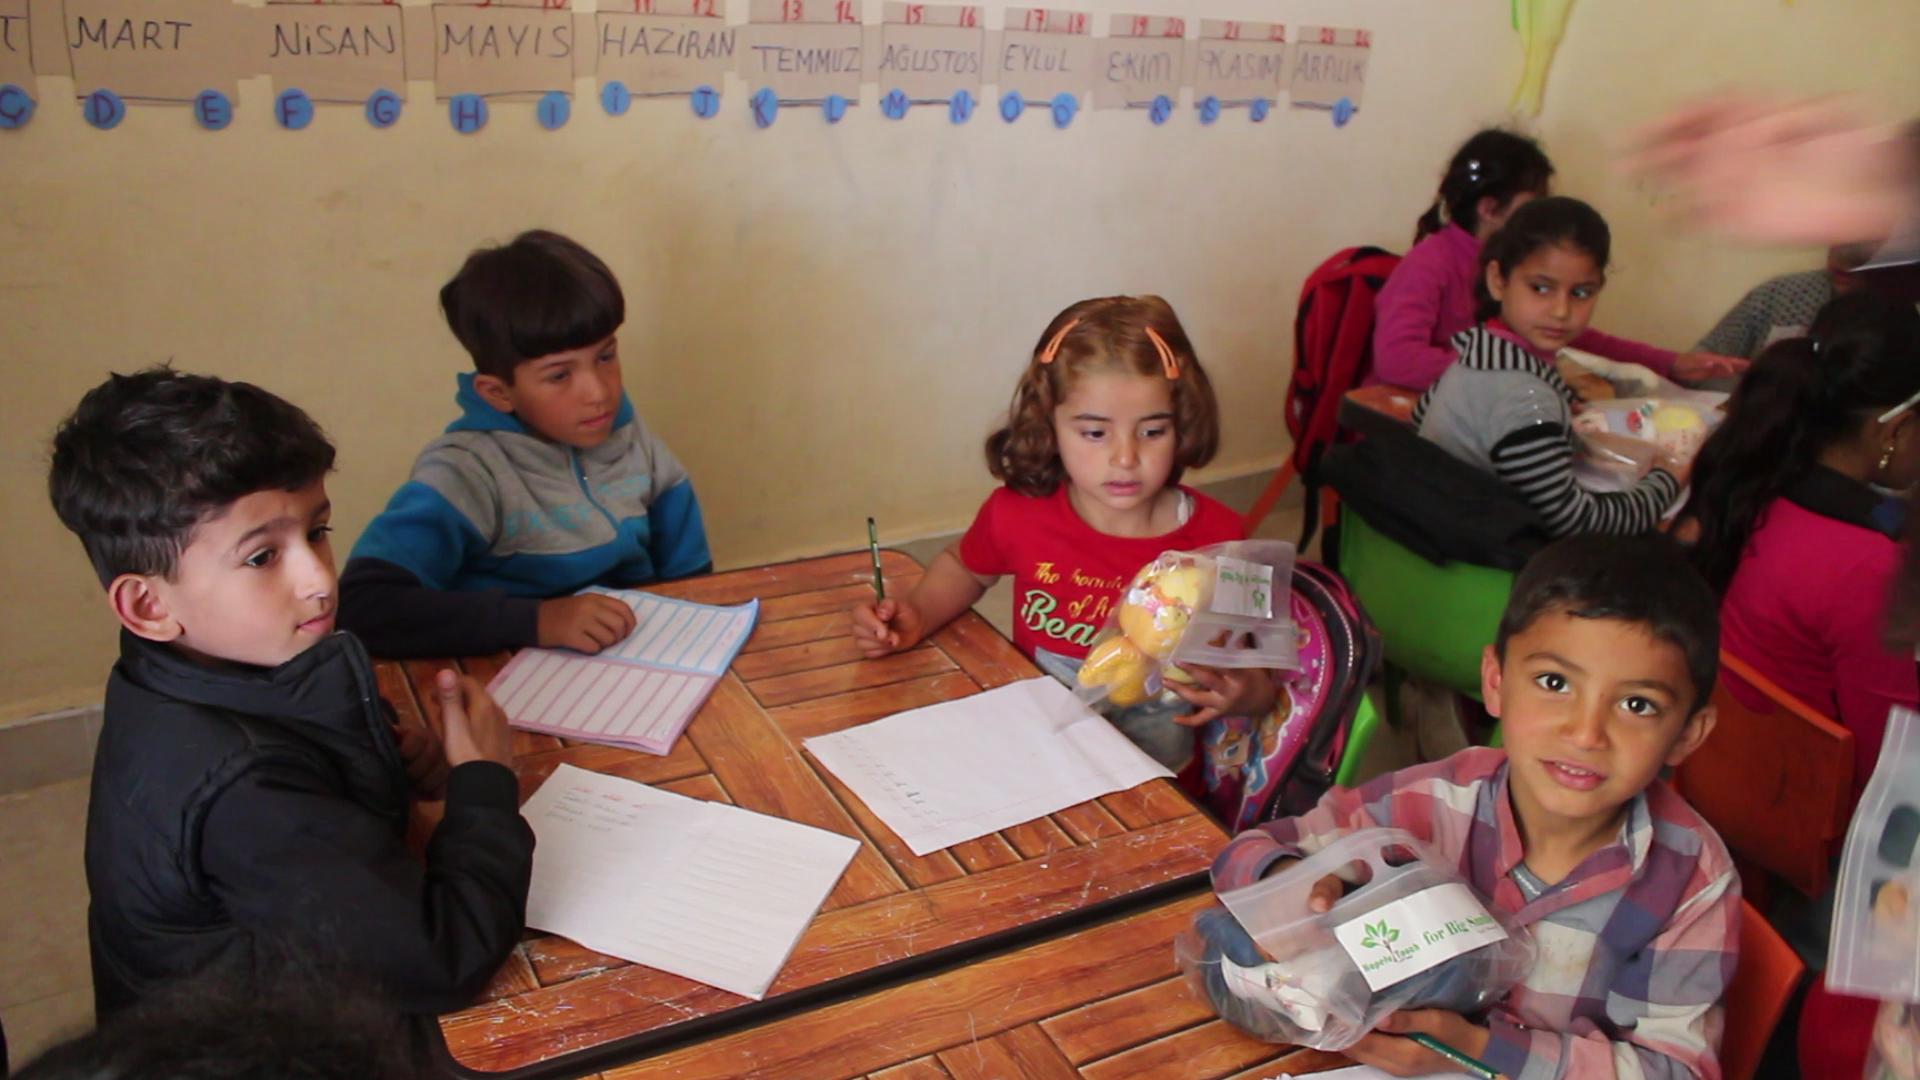 シリア難民の一時的教育クラスを訪問して配布